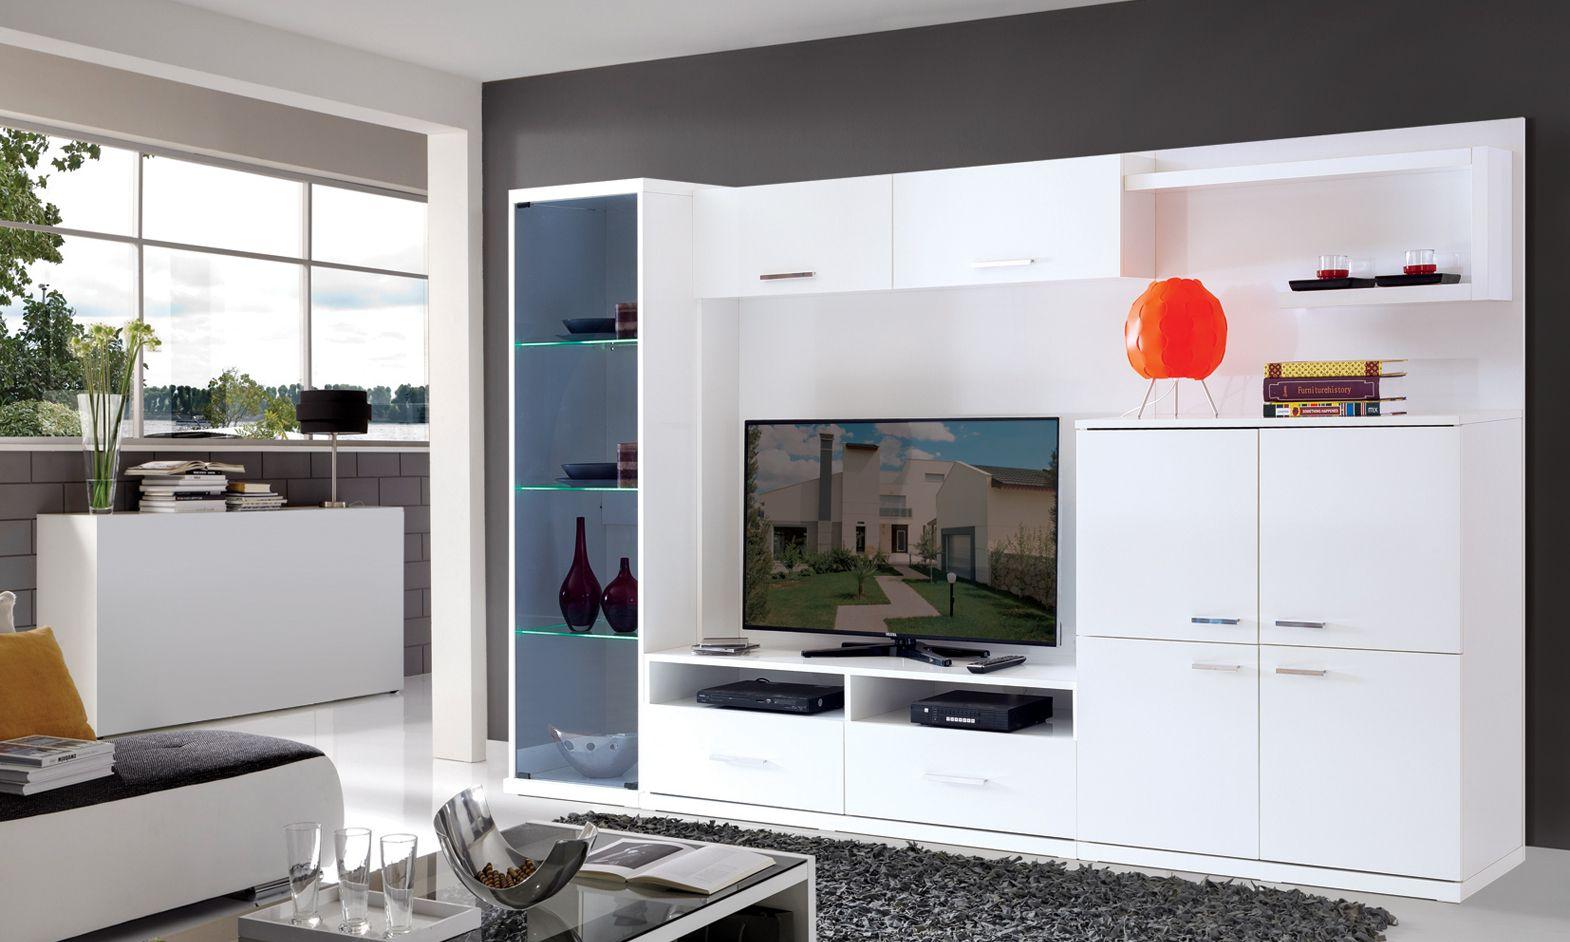 Modern yeni tv unite modelleri 7 - Birbirinden G Zel Tasar Mlara Sahip Tv Nitesi Modellerini Incelemek I In Tarz Mobilyan N Online Sitemizi Ziyaret Edebilirsiniz